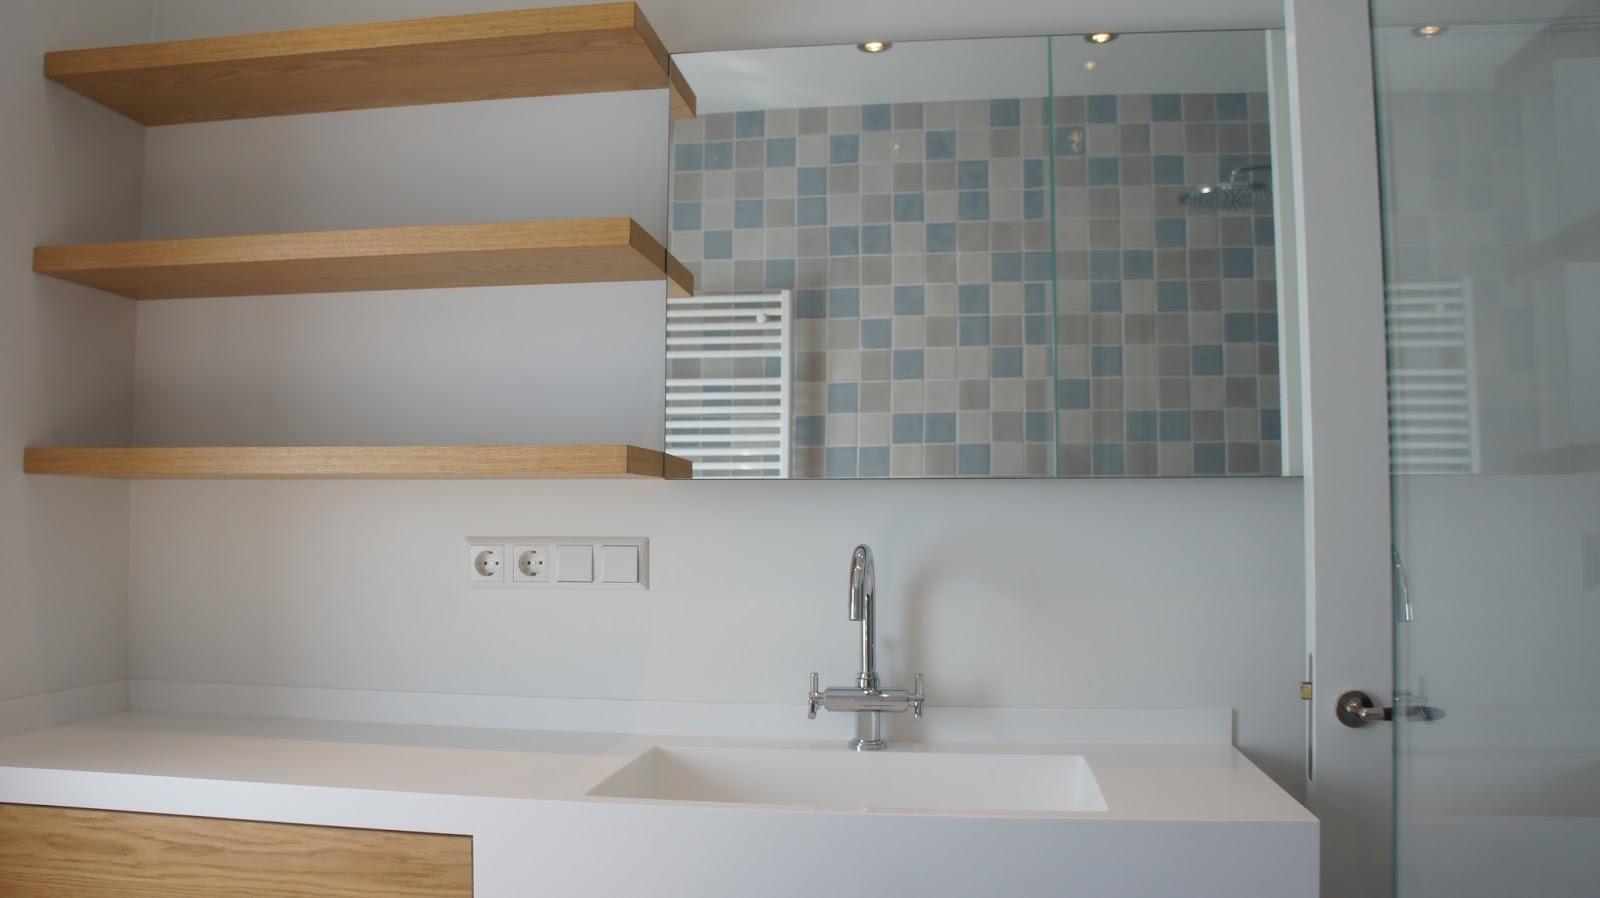 muurdecoratie boven radiator